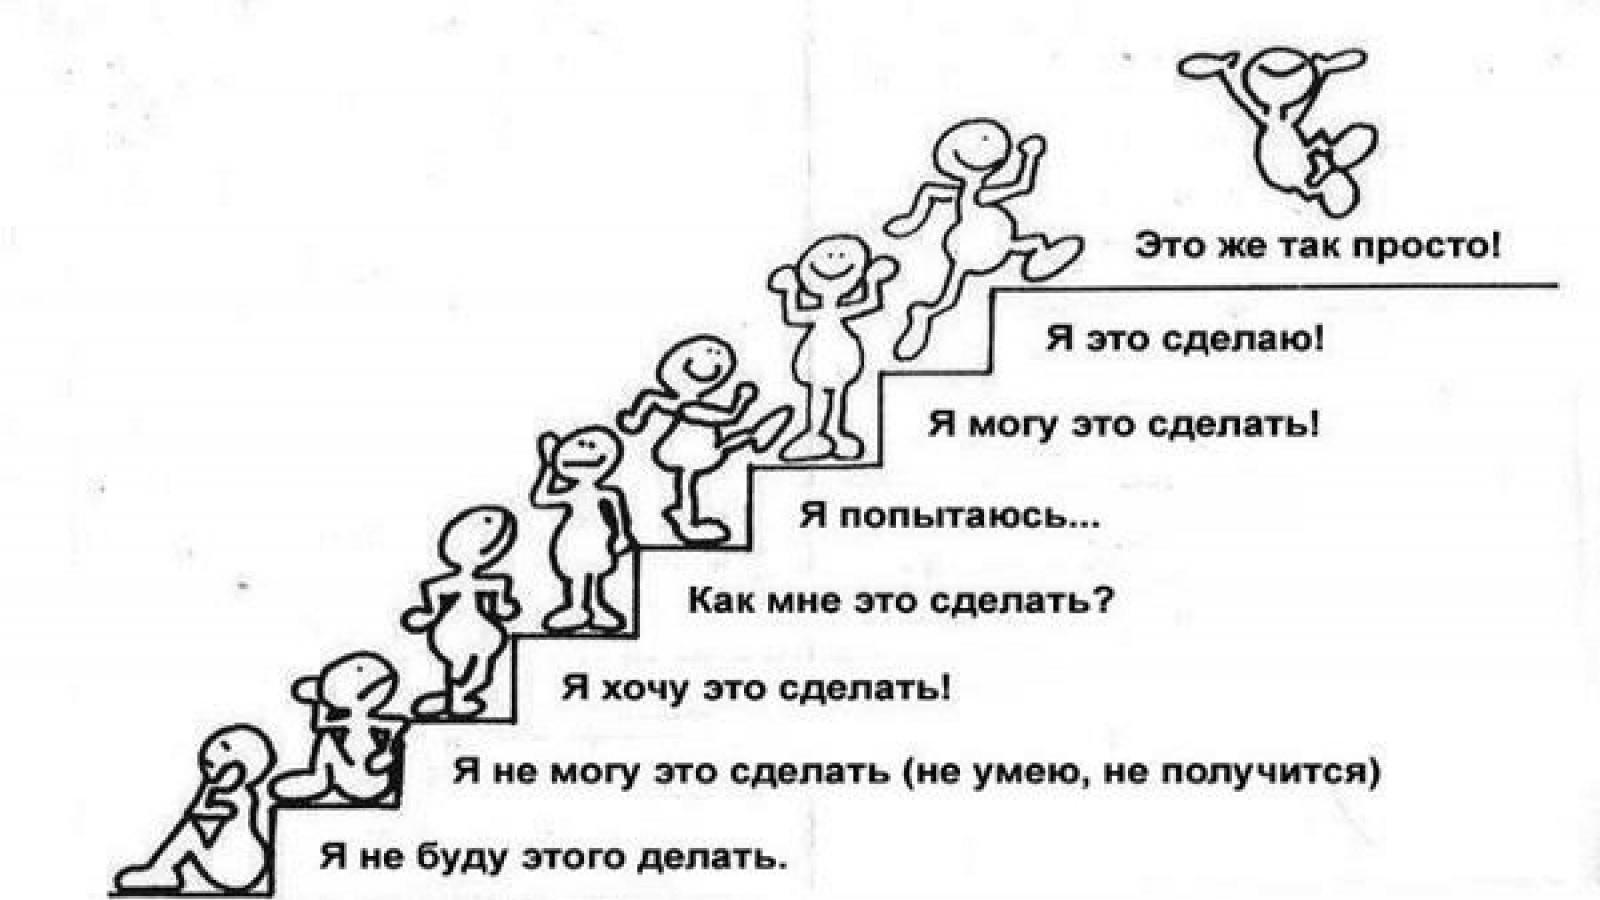 Русская ємо хочет сделать учителю минет а он отказывается 17 фотография